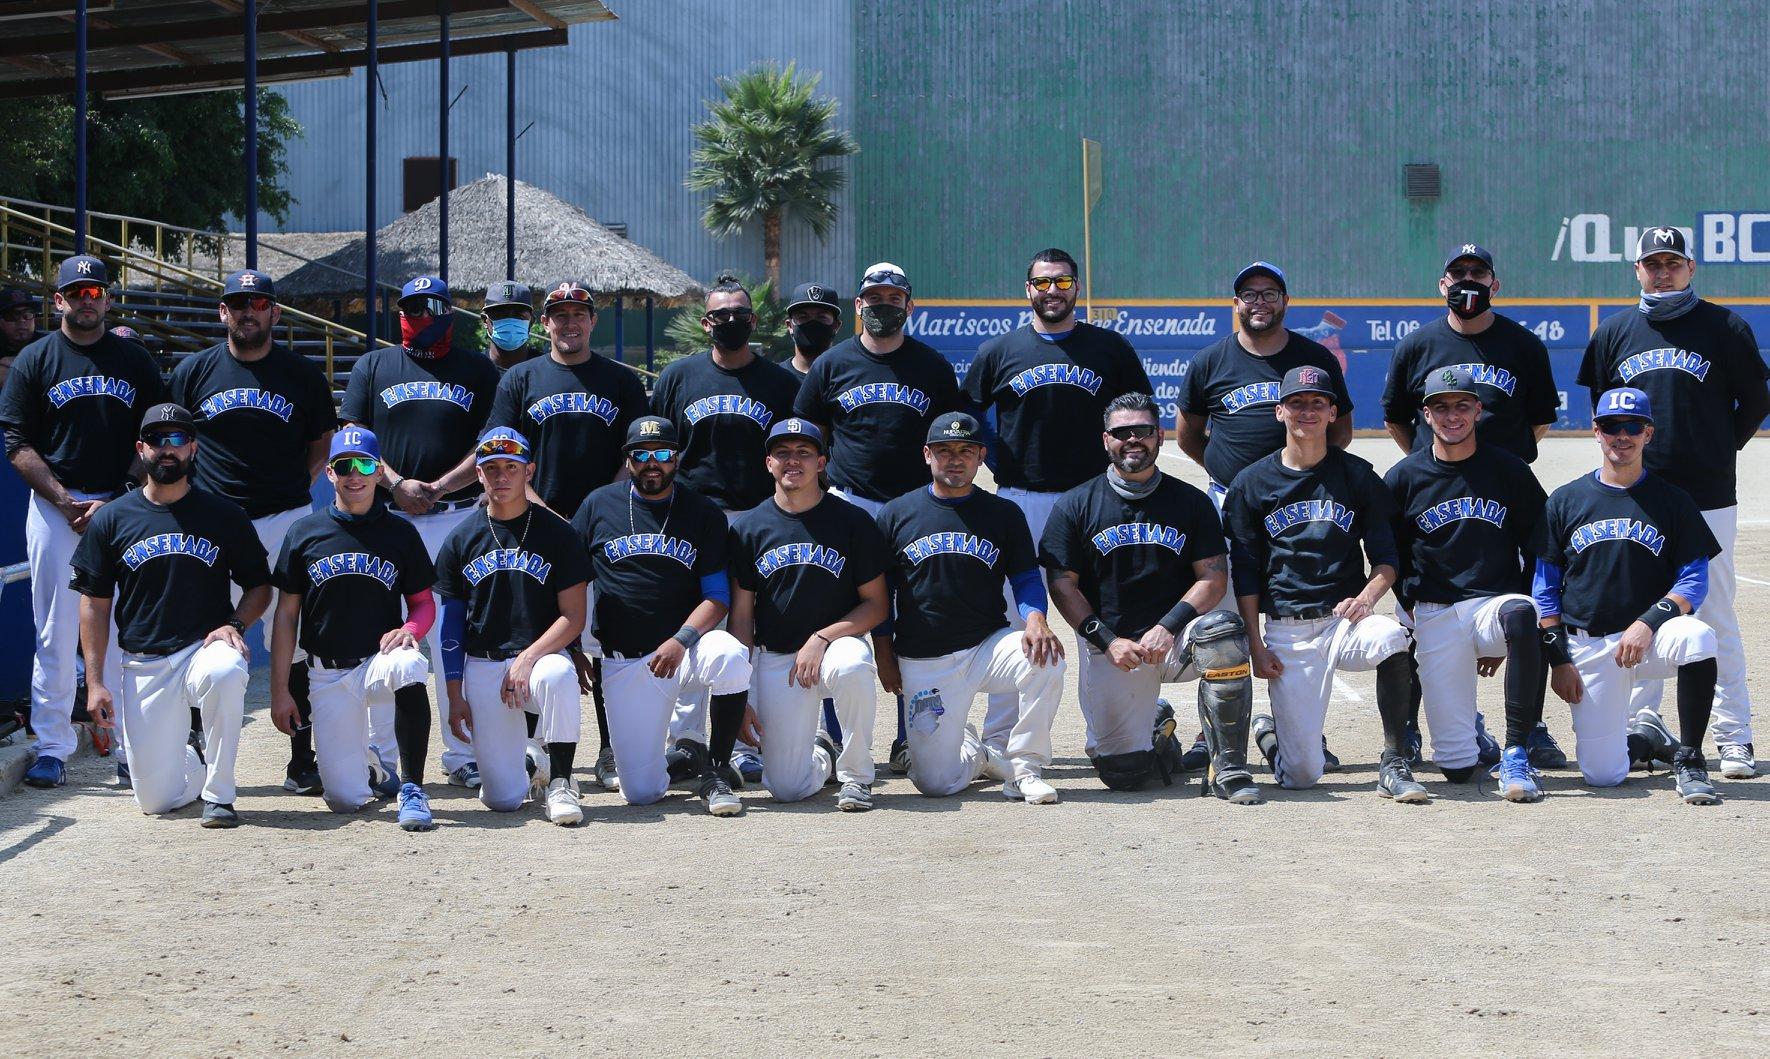 Bravos echan fuera a los Azules de Ensenada del Estatal de Béisbol INDEBC 2020